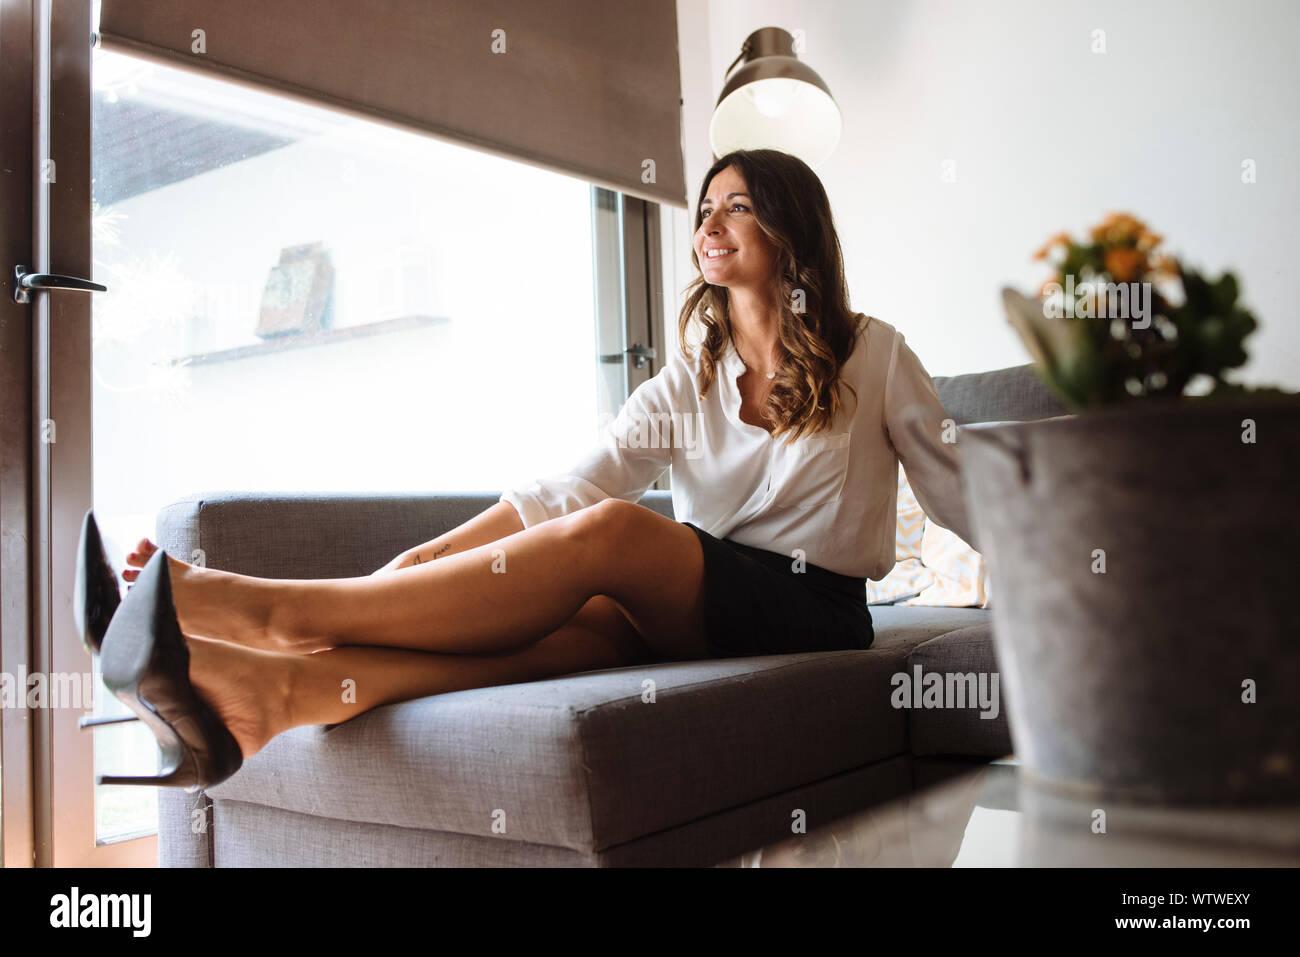 Mujer morena con ropa de oficina de despegar sus zapatos en un sofá. Foto de stock